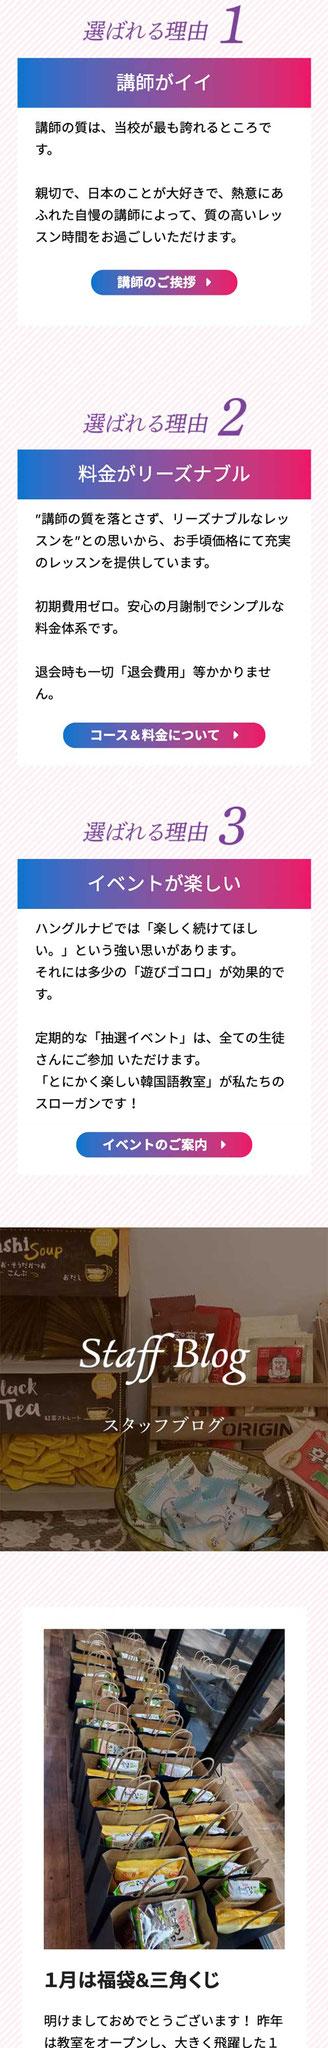 トップページのモバイル表示5